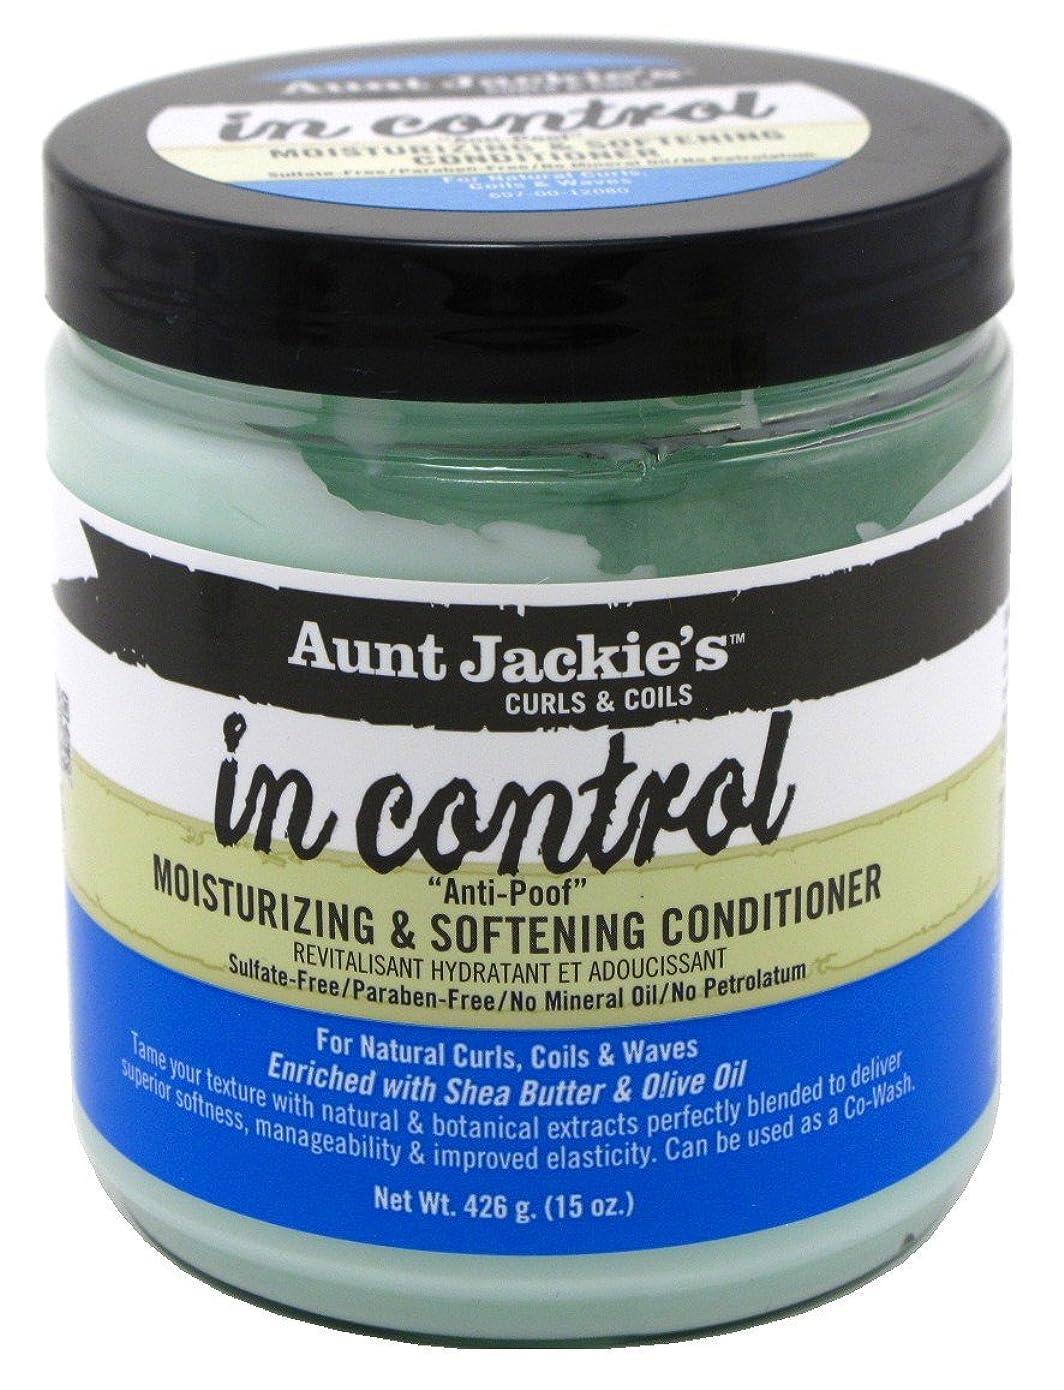 バルブ拘束するミリメートルAunt Jackie's コントロールモイスチャライジング&軟化コンディショナー15オンスのジャー(443Ml)(3パック)で叔母Jackies